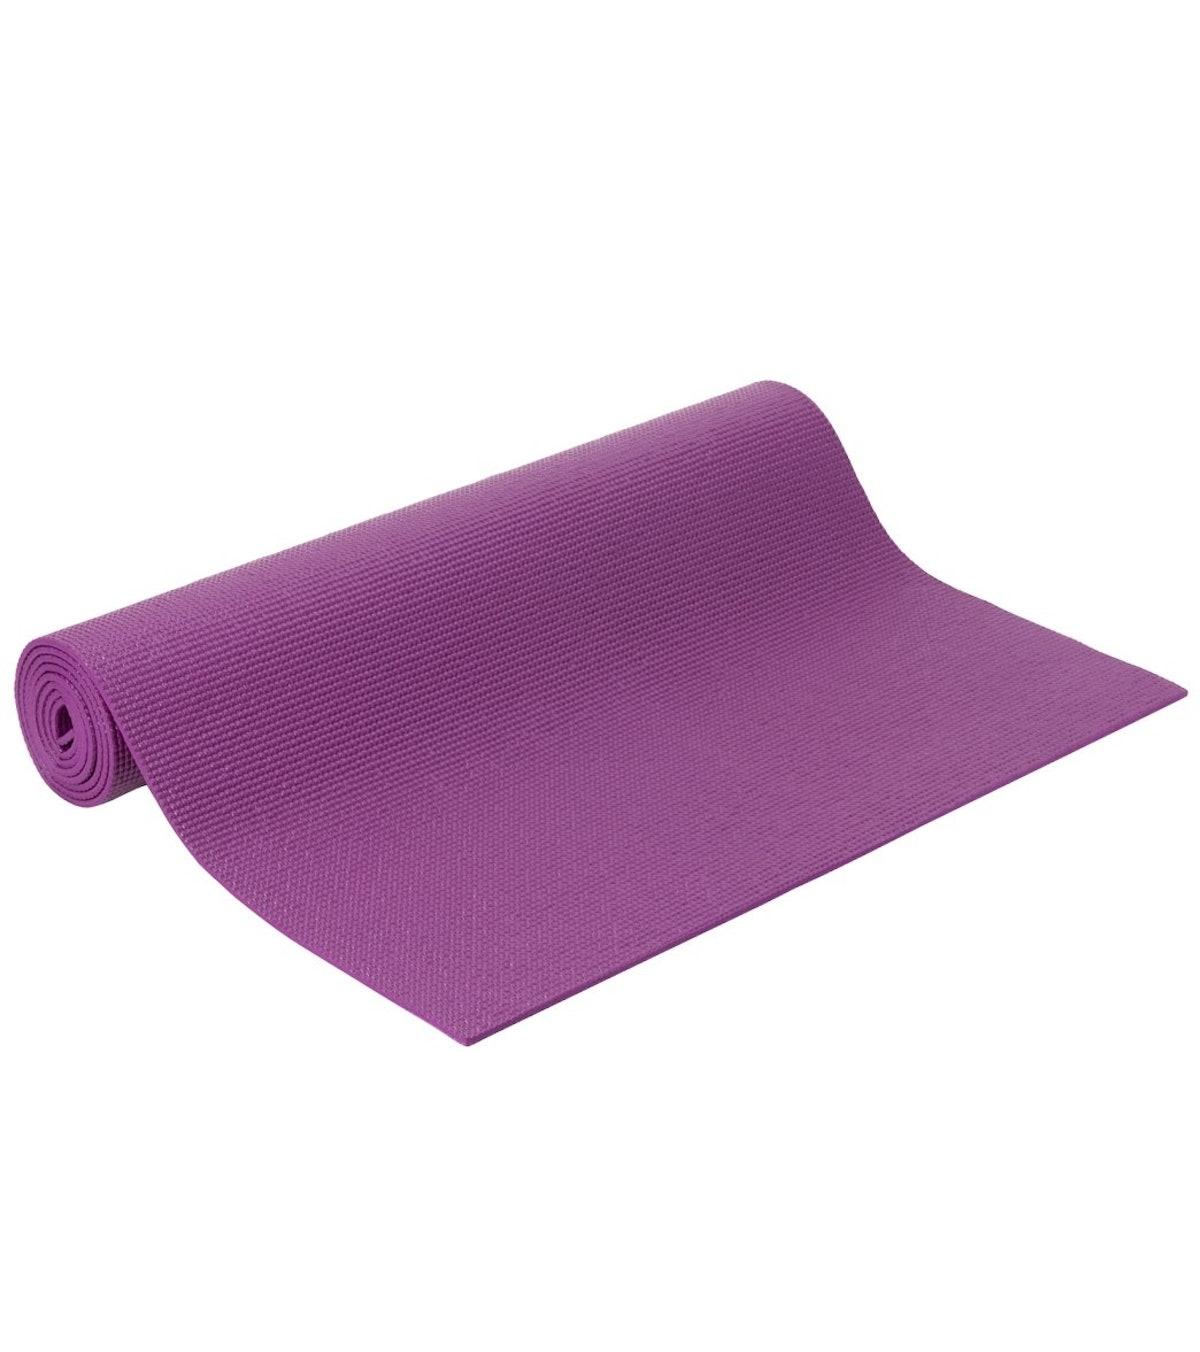 Everday Yoga Mat